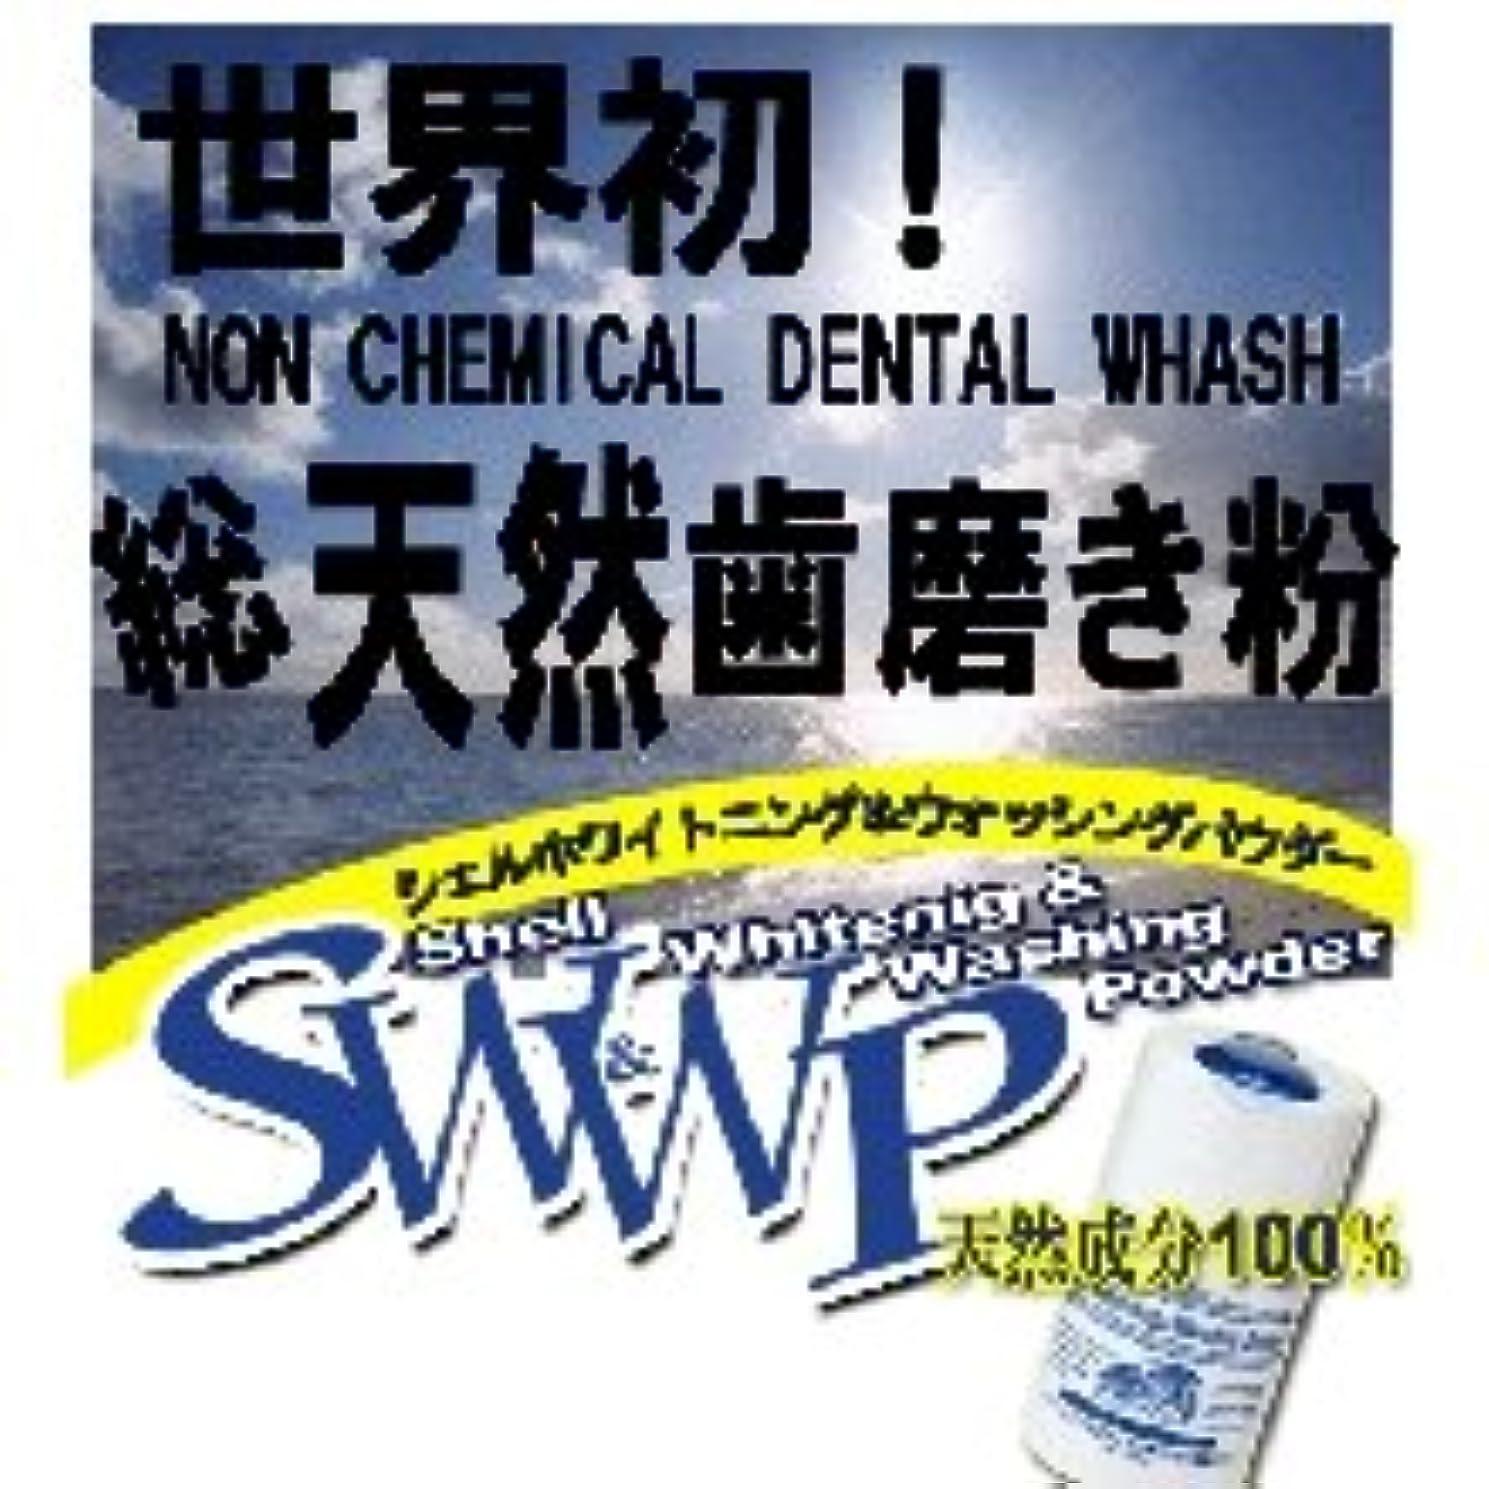 試す出版半導体Shell Whitening & Whashing Powder シェルホワイトニングパウダー